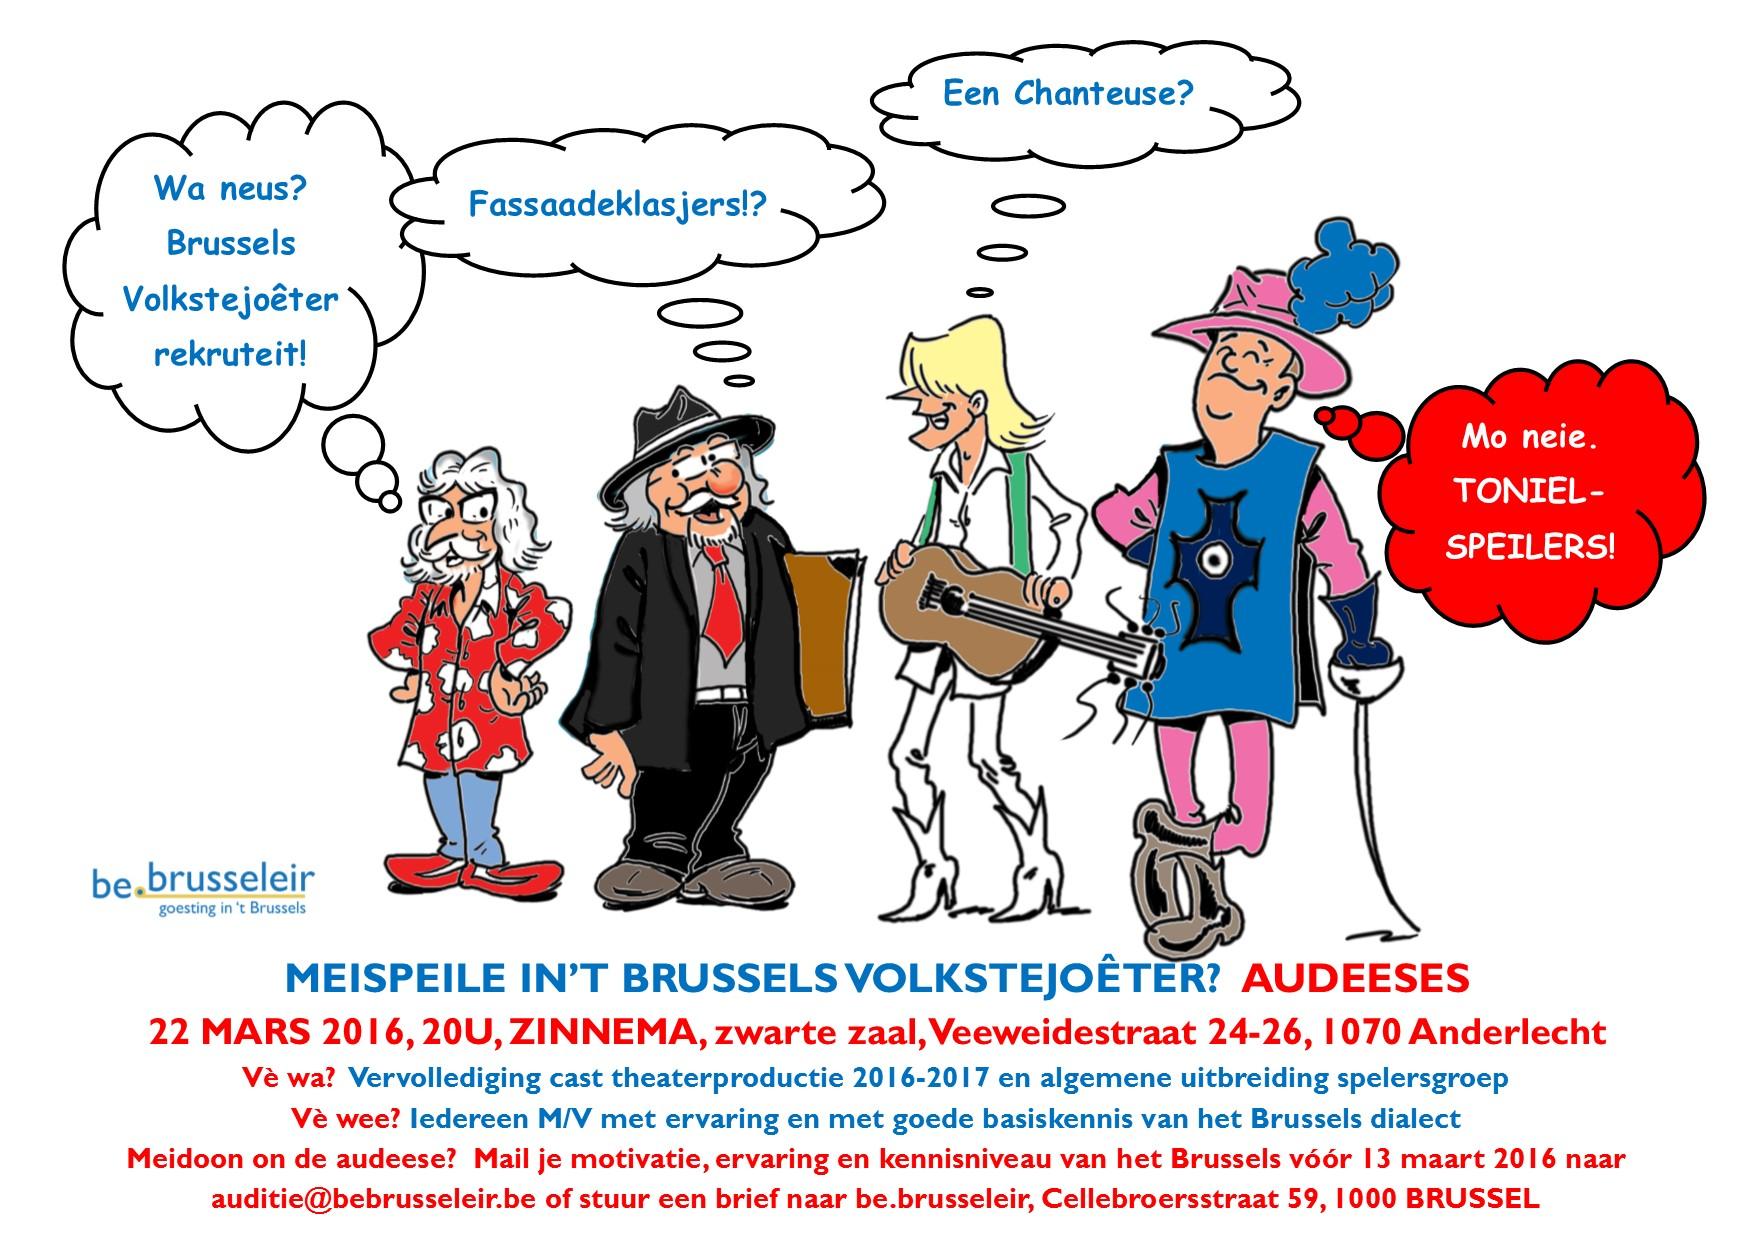 Audities Brussels Volkstejoêter